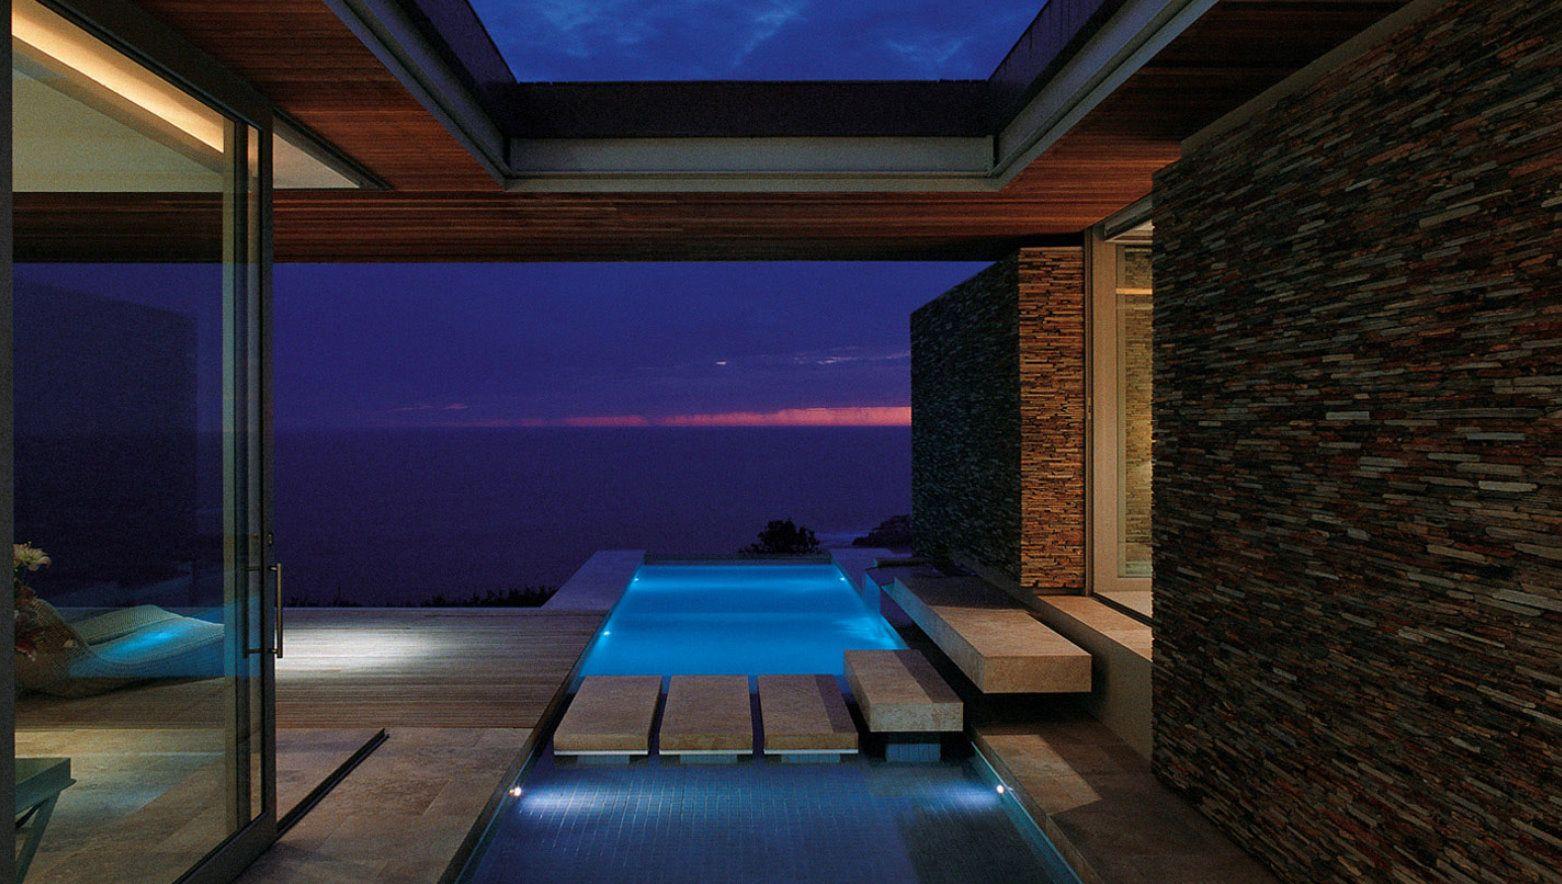 ÉPÍTÉSZ BELSŐÉPÍTÉSZ BLOG: Beautyful Modern Luxory Interior designs from SAOTA Architects